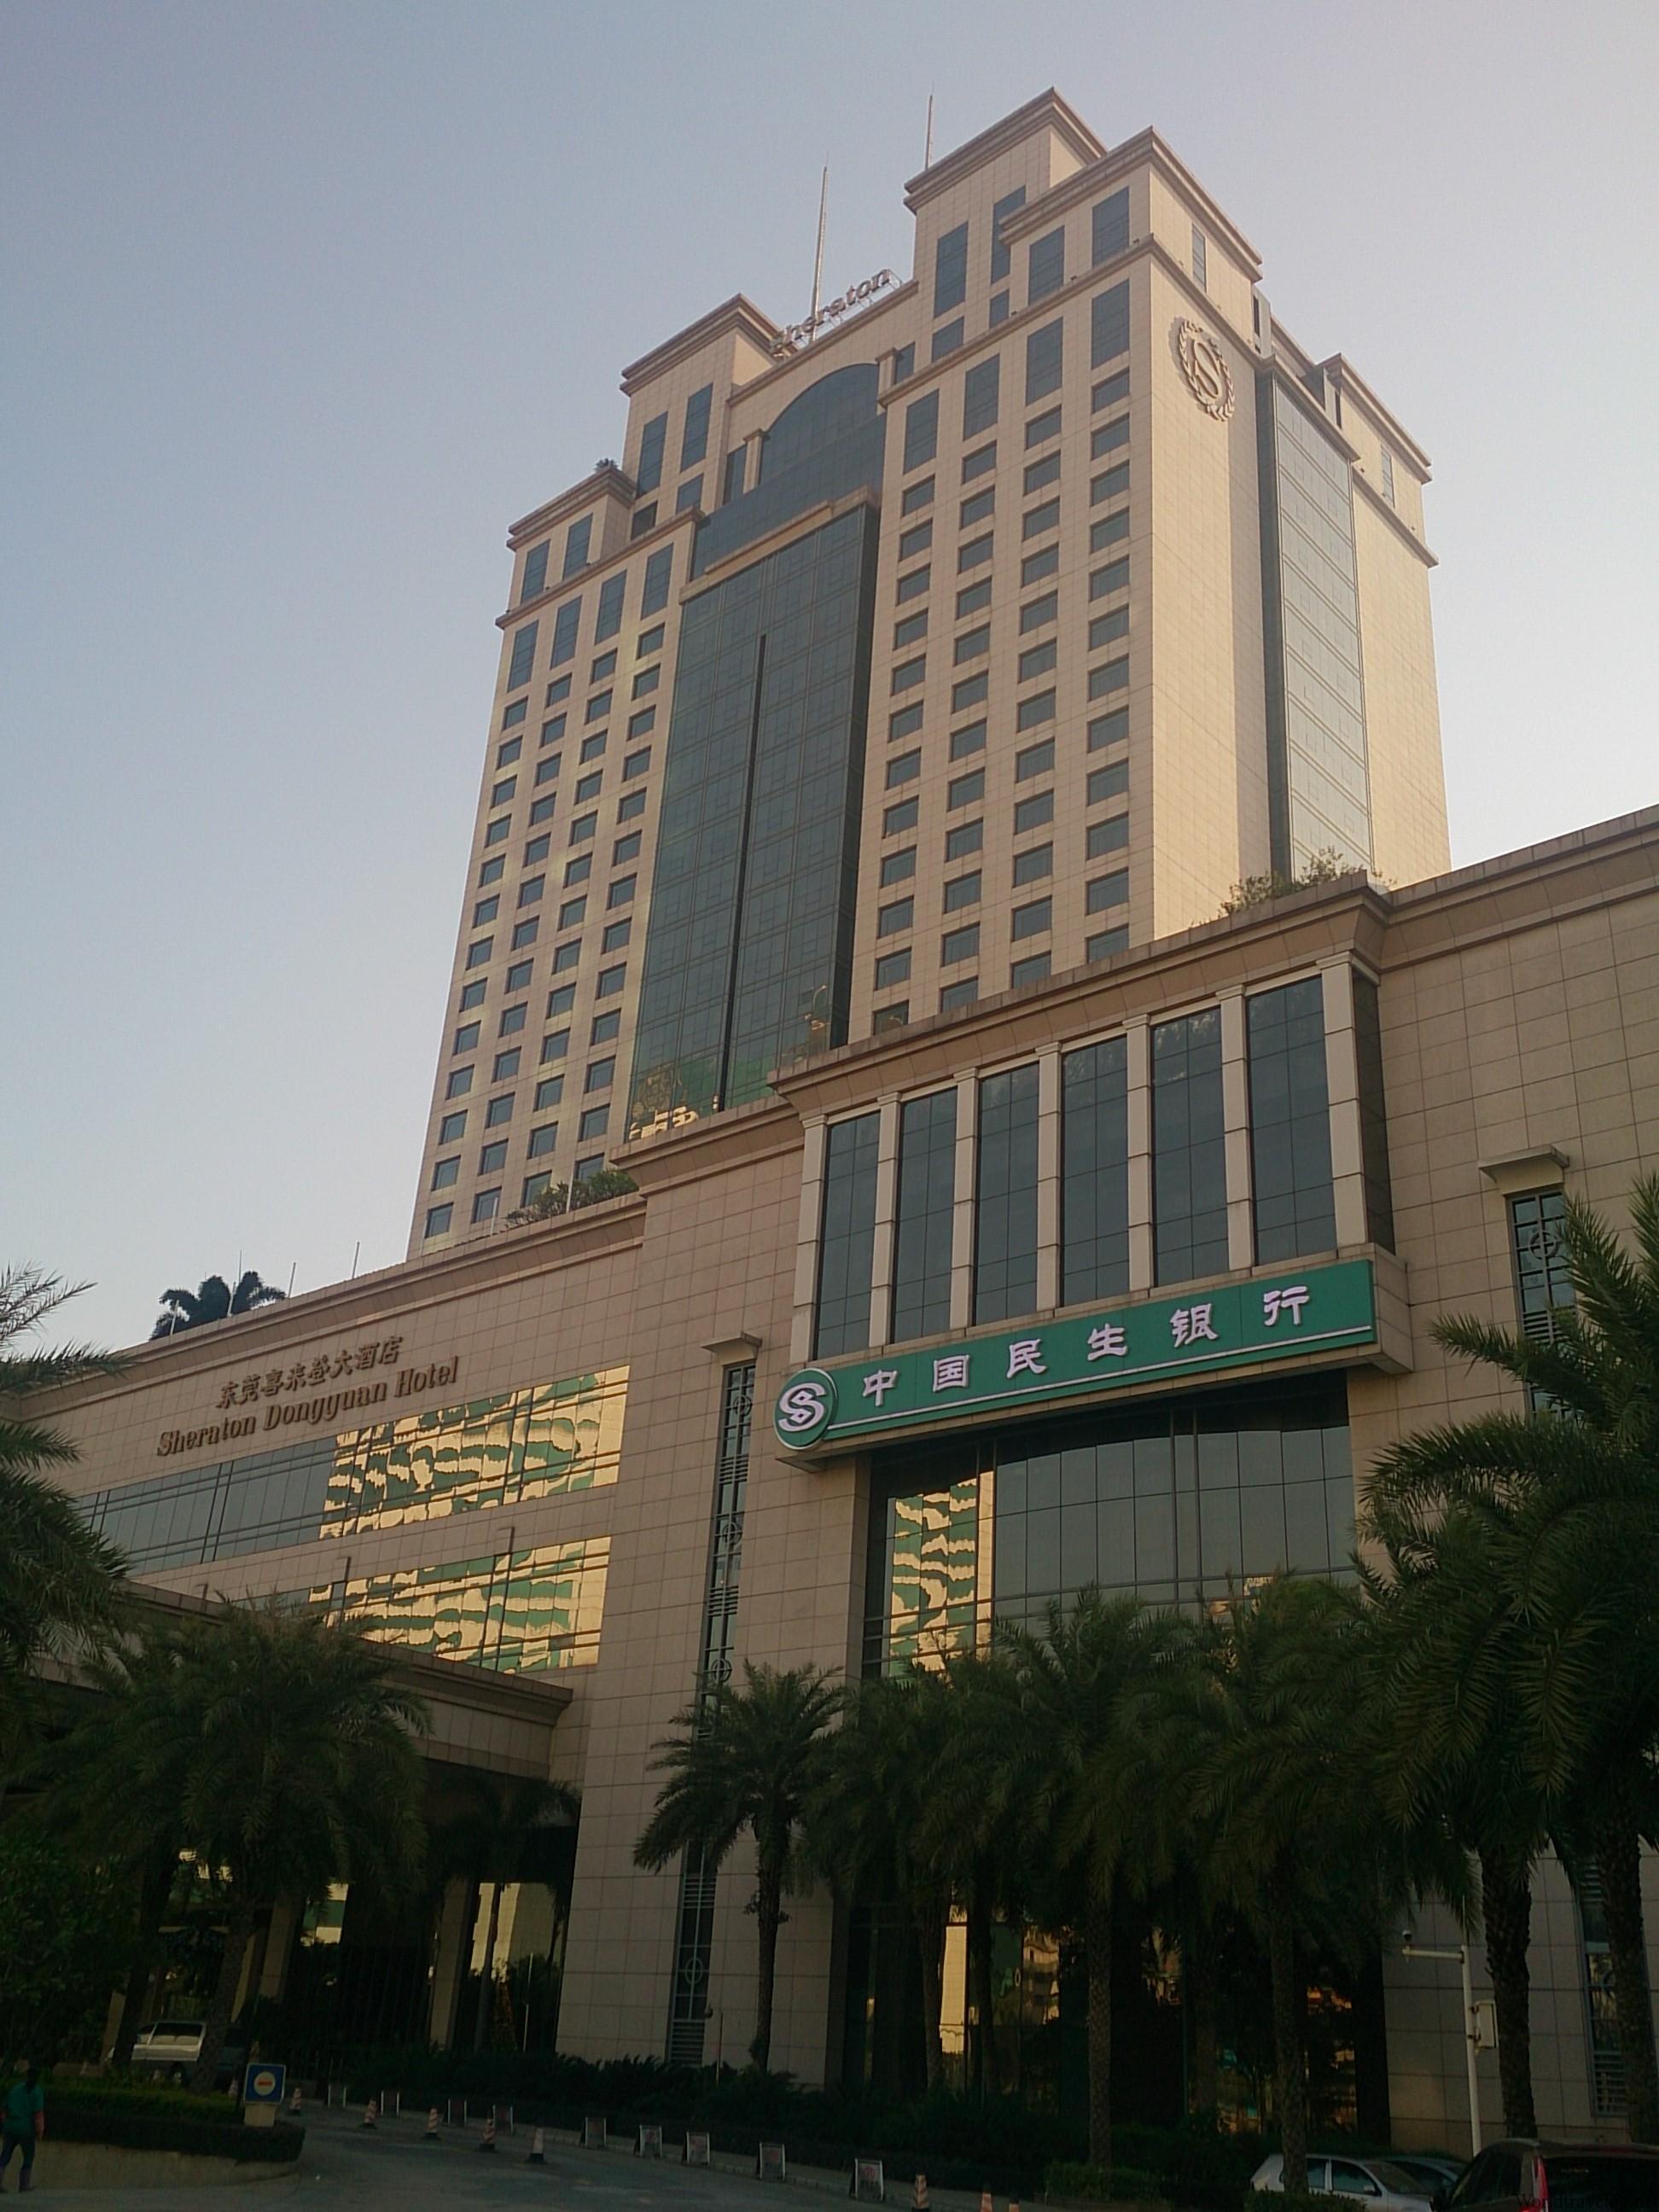 シェラトン東莞ホテル宿泊記/Sheraton Dongguan Hotel